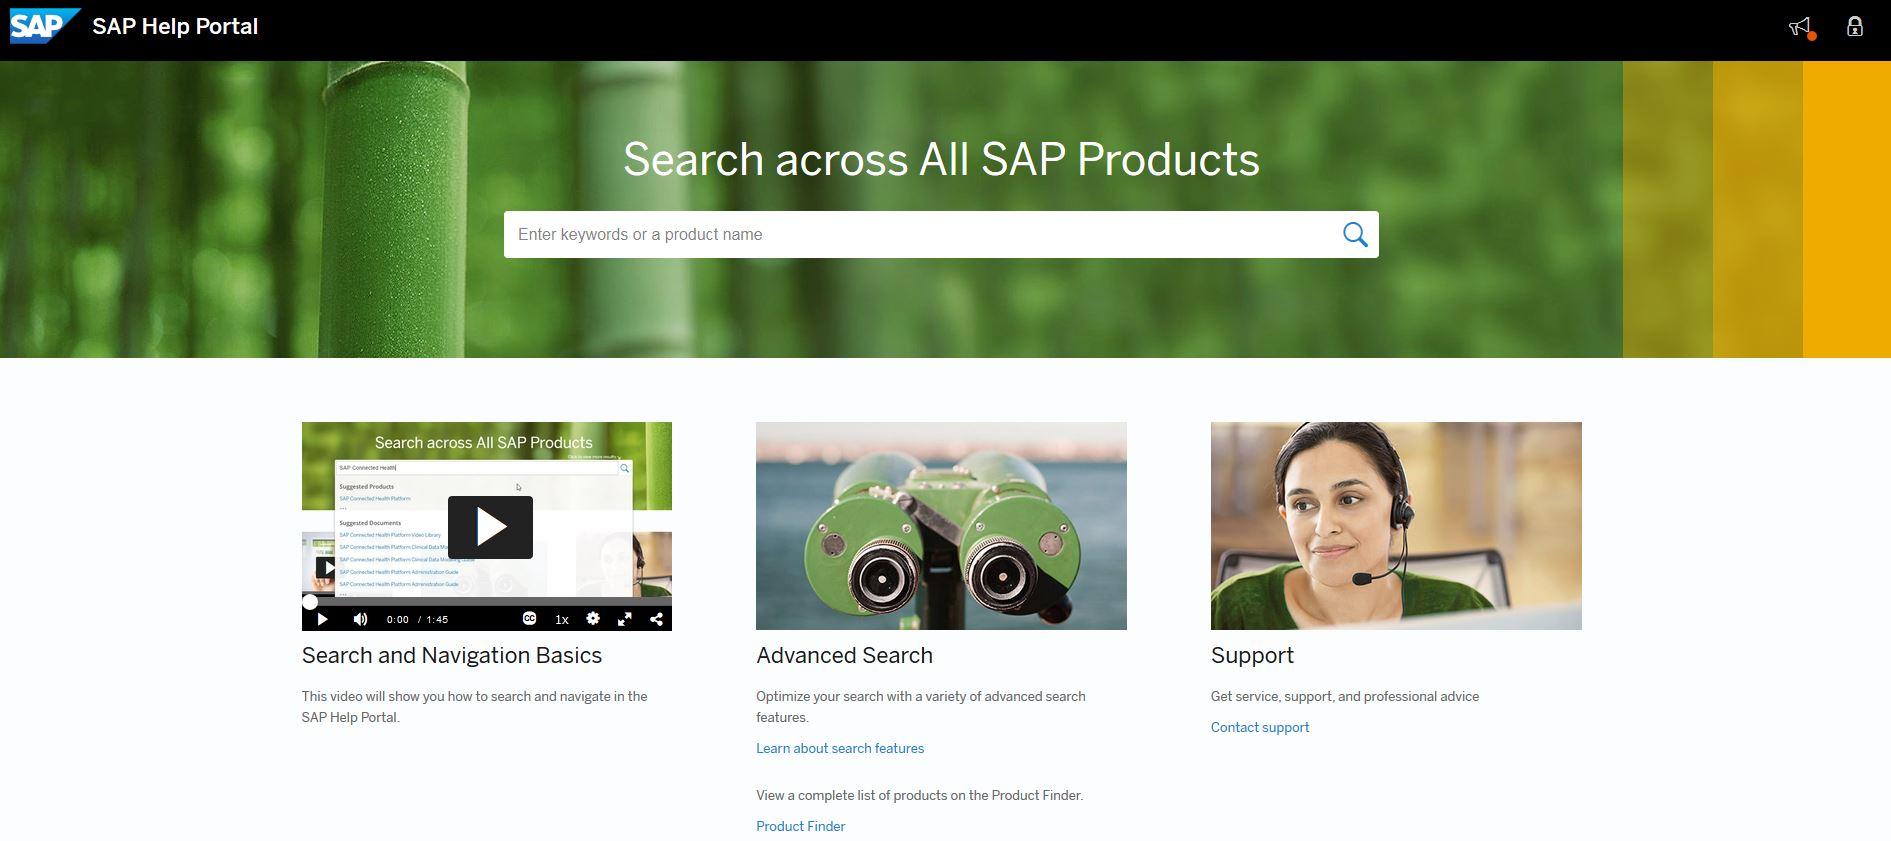 sap help portal